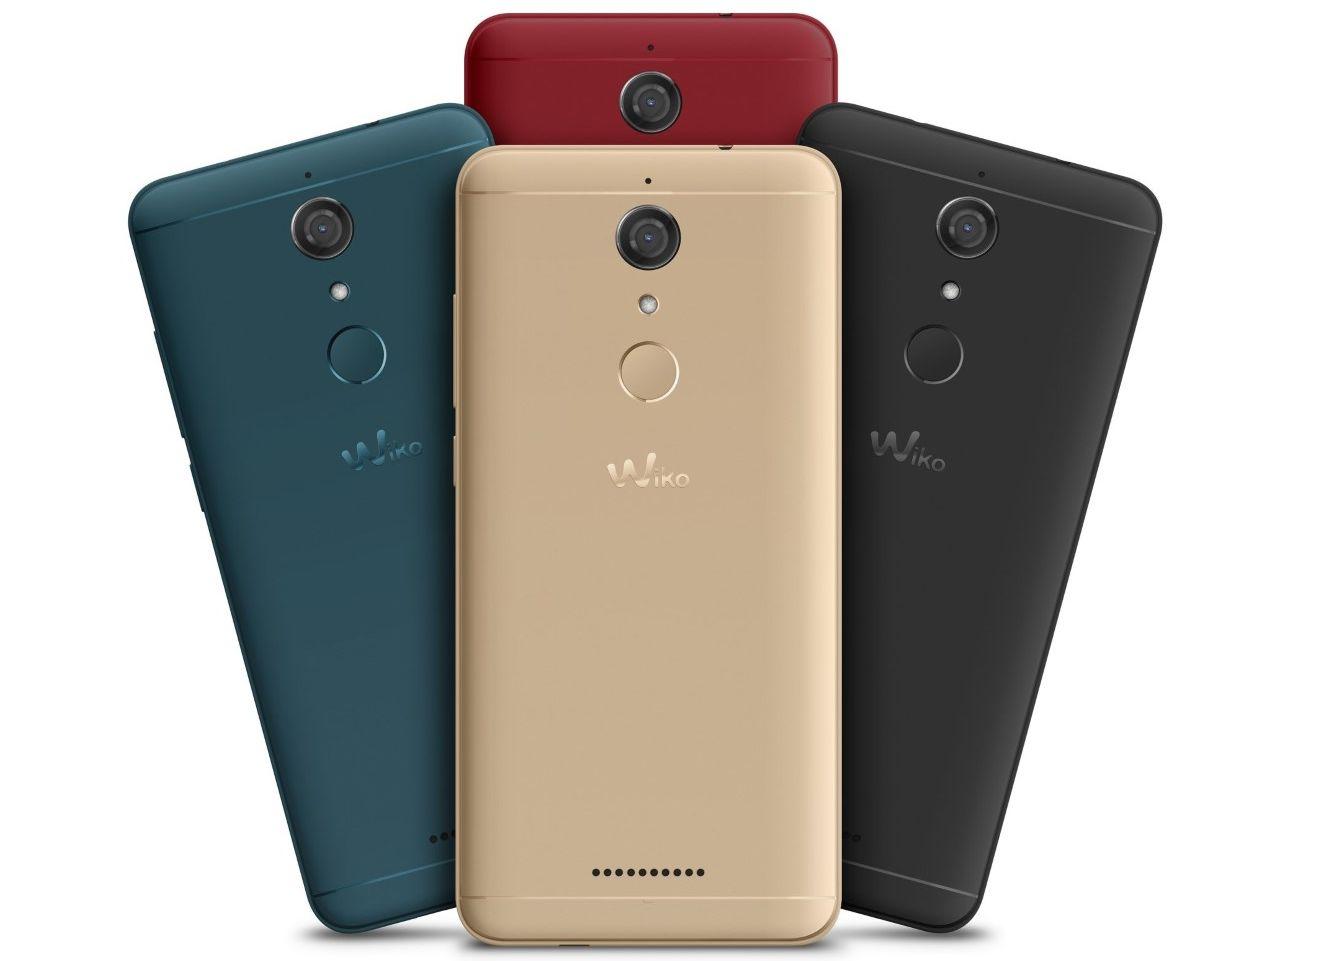 Wiko to jeden z małych producentów smartfonów, o którym jeszcze kilka lat temu nie słyszałem, a obecnie regularnie wydaje bardzo dobre sprzęty. Najnowsze z nich należą do serii Wiko View, która wyróżnia się na tle innych tanich urządzeń/